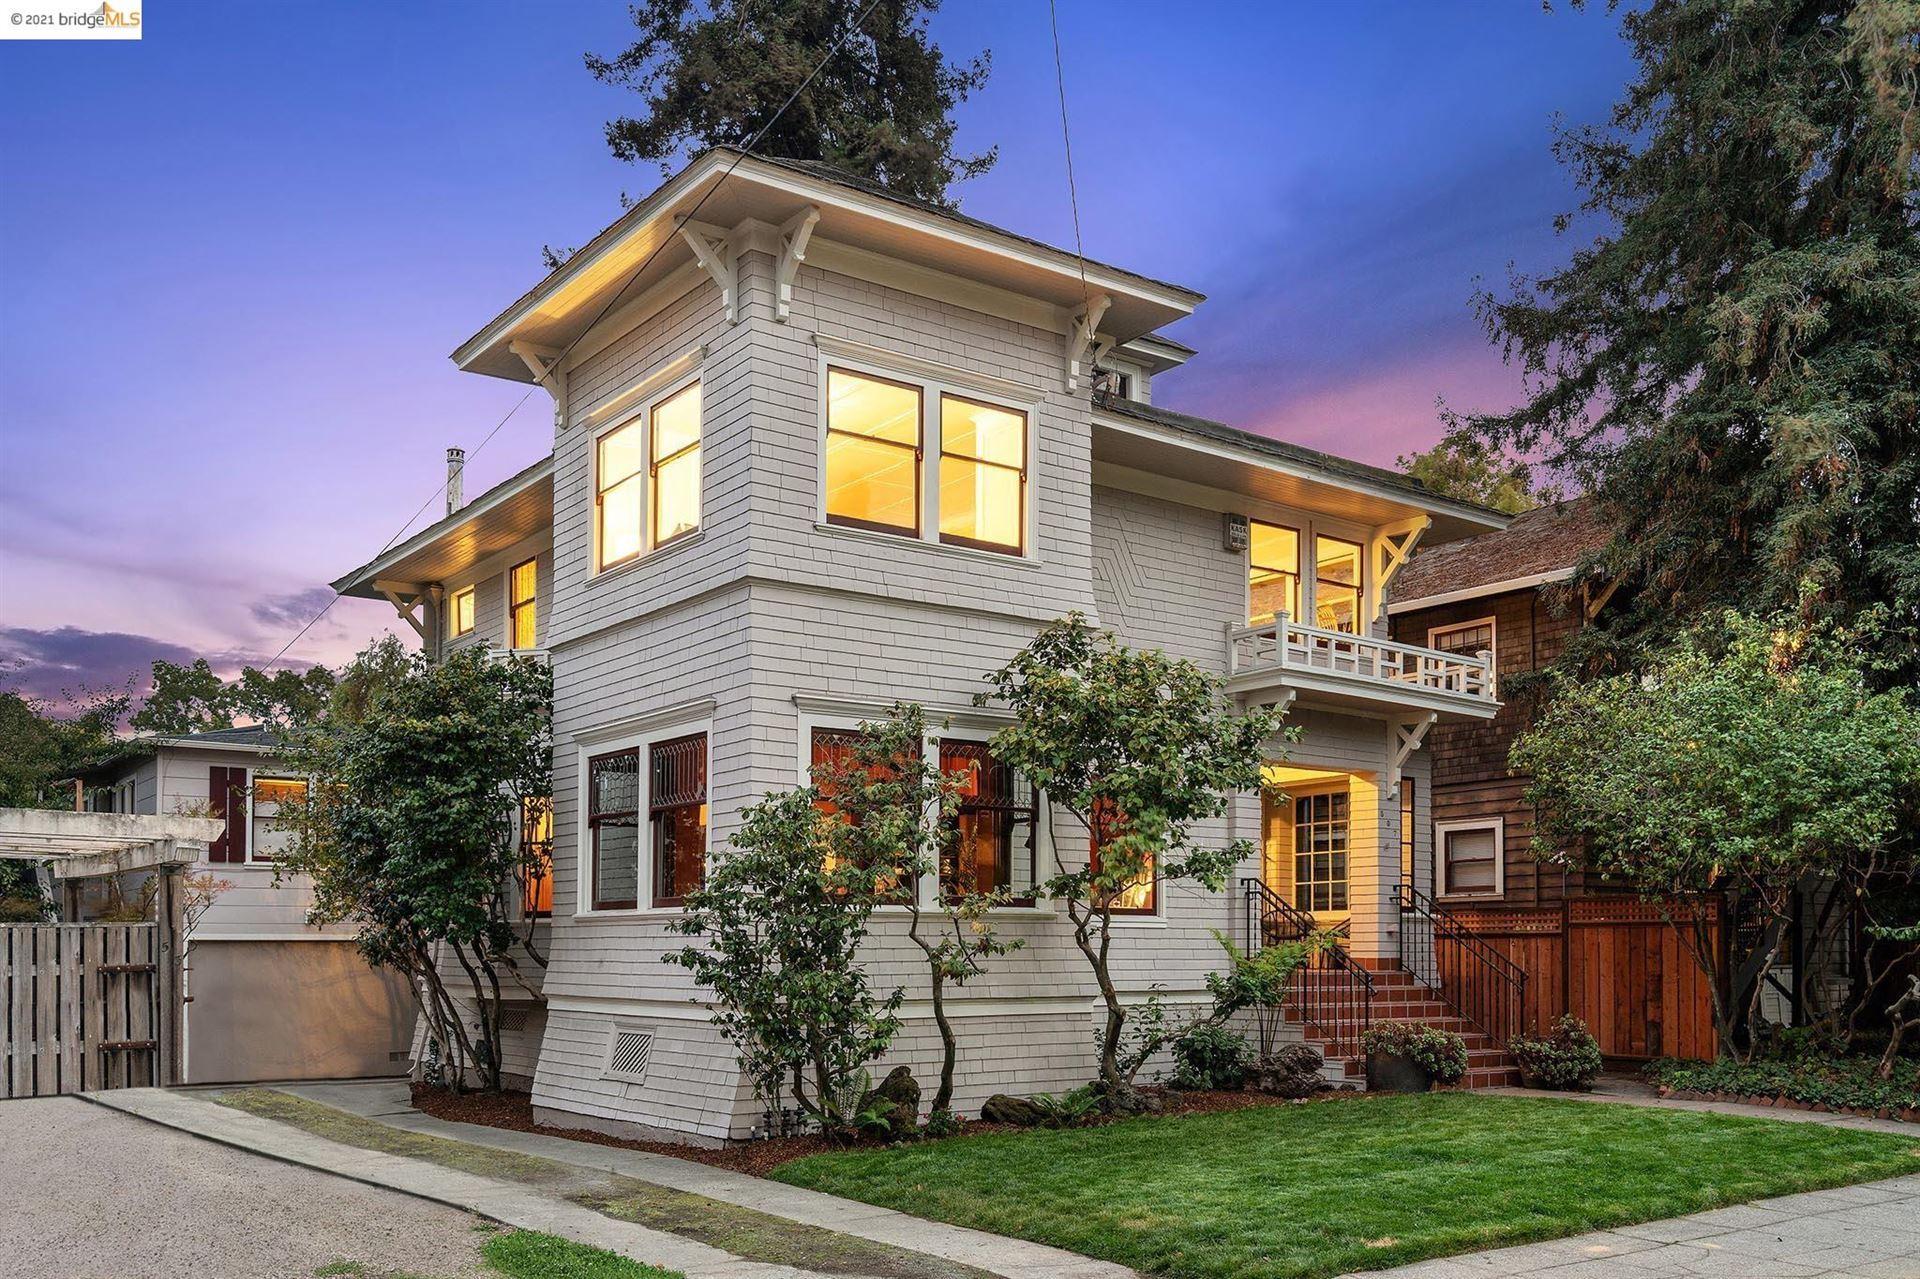 Photo of 507 Van Buren Ave, OAKLAND, CA 94610 (MLS # 40968475)